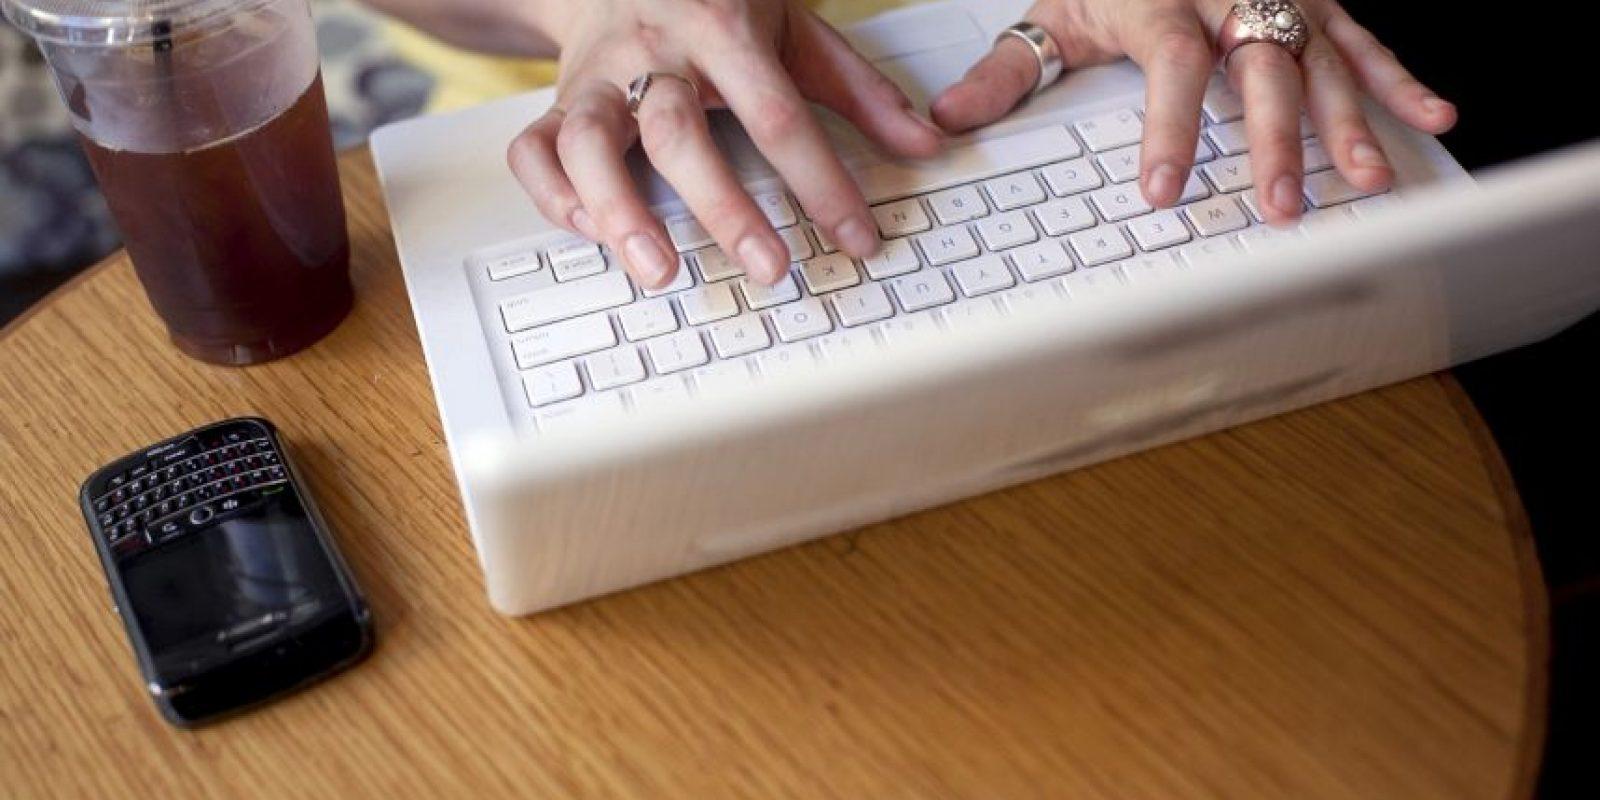 9. Evitar utilizar software sospechoso Foto:Getty Images